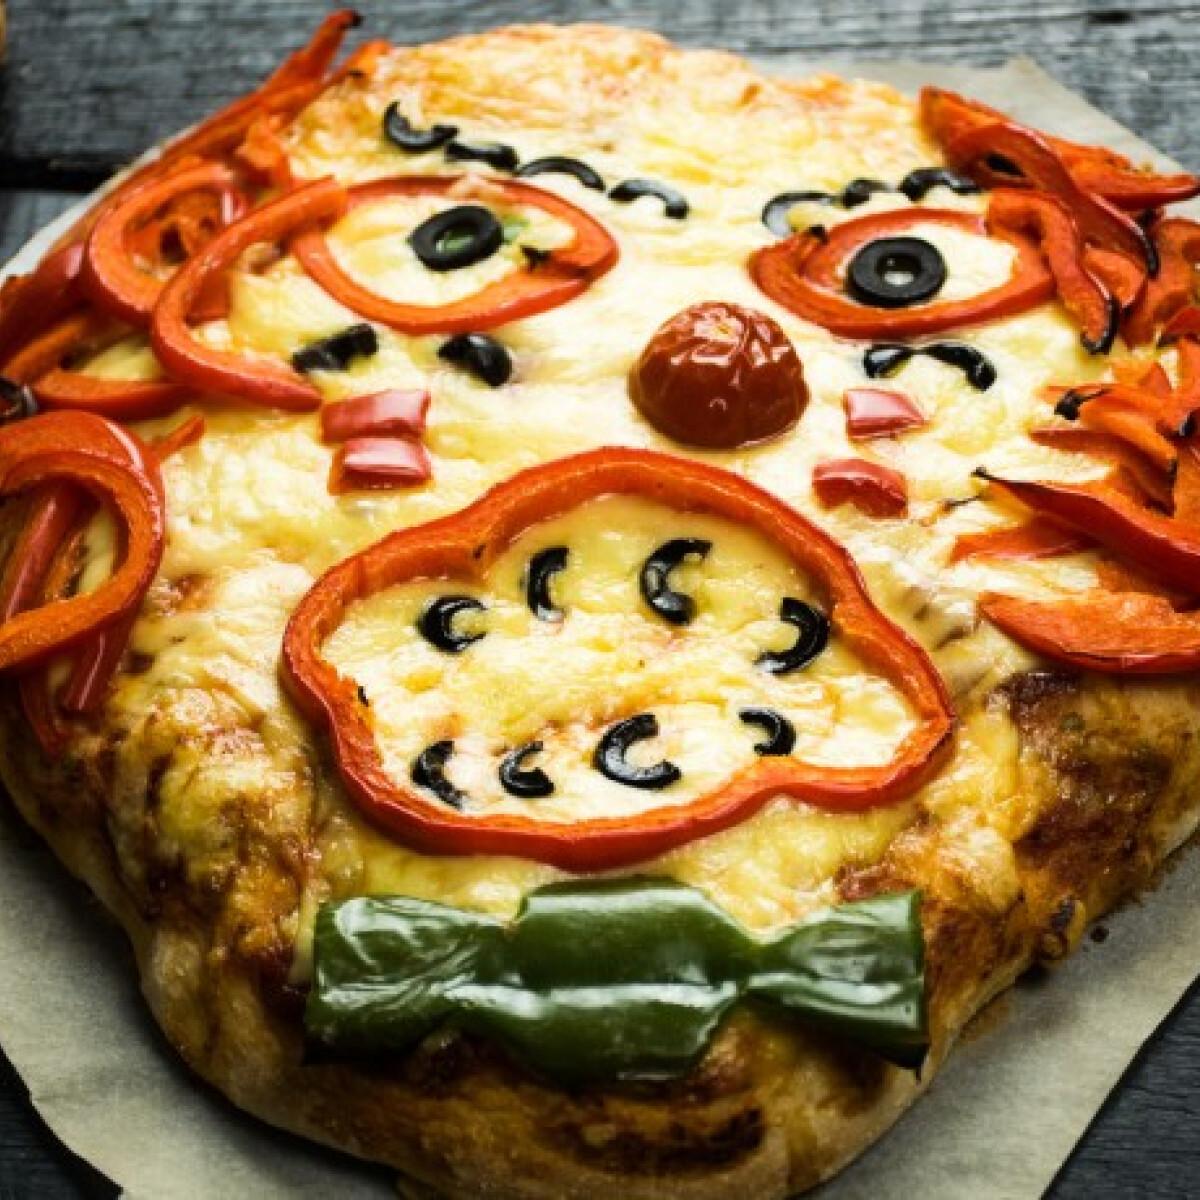 Ezen a képen: Halloweeni pizza